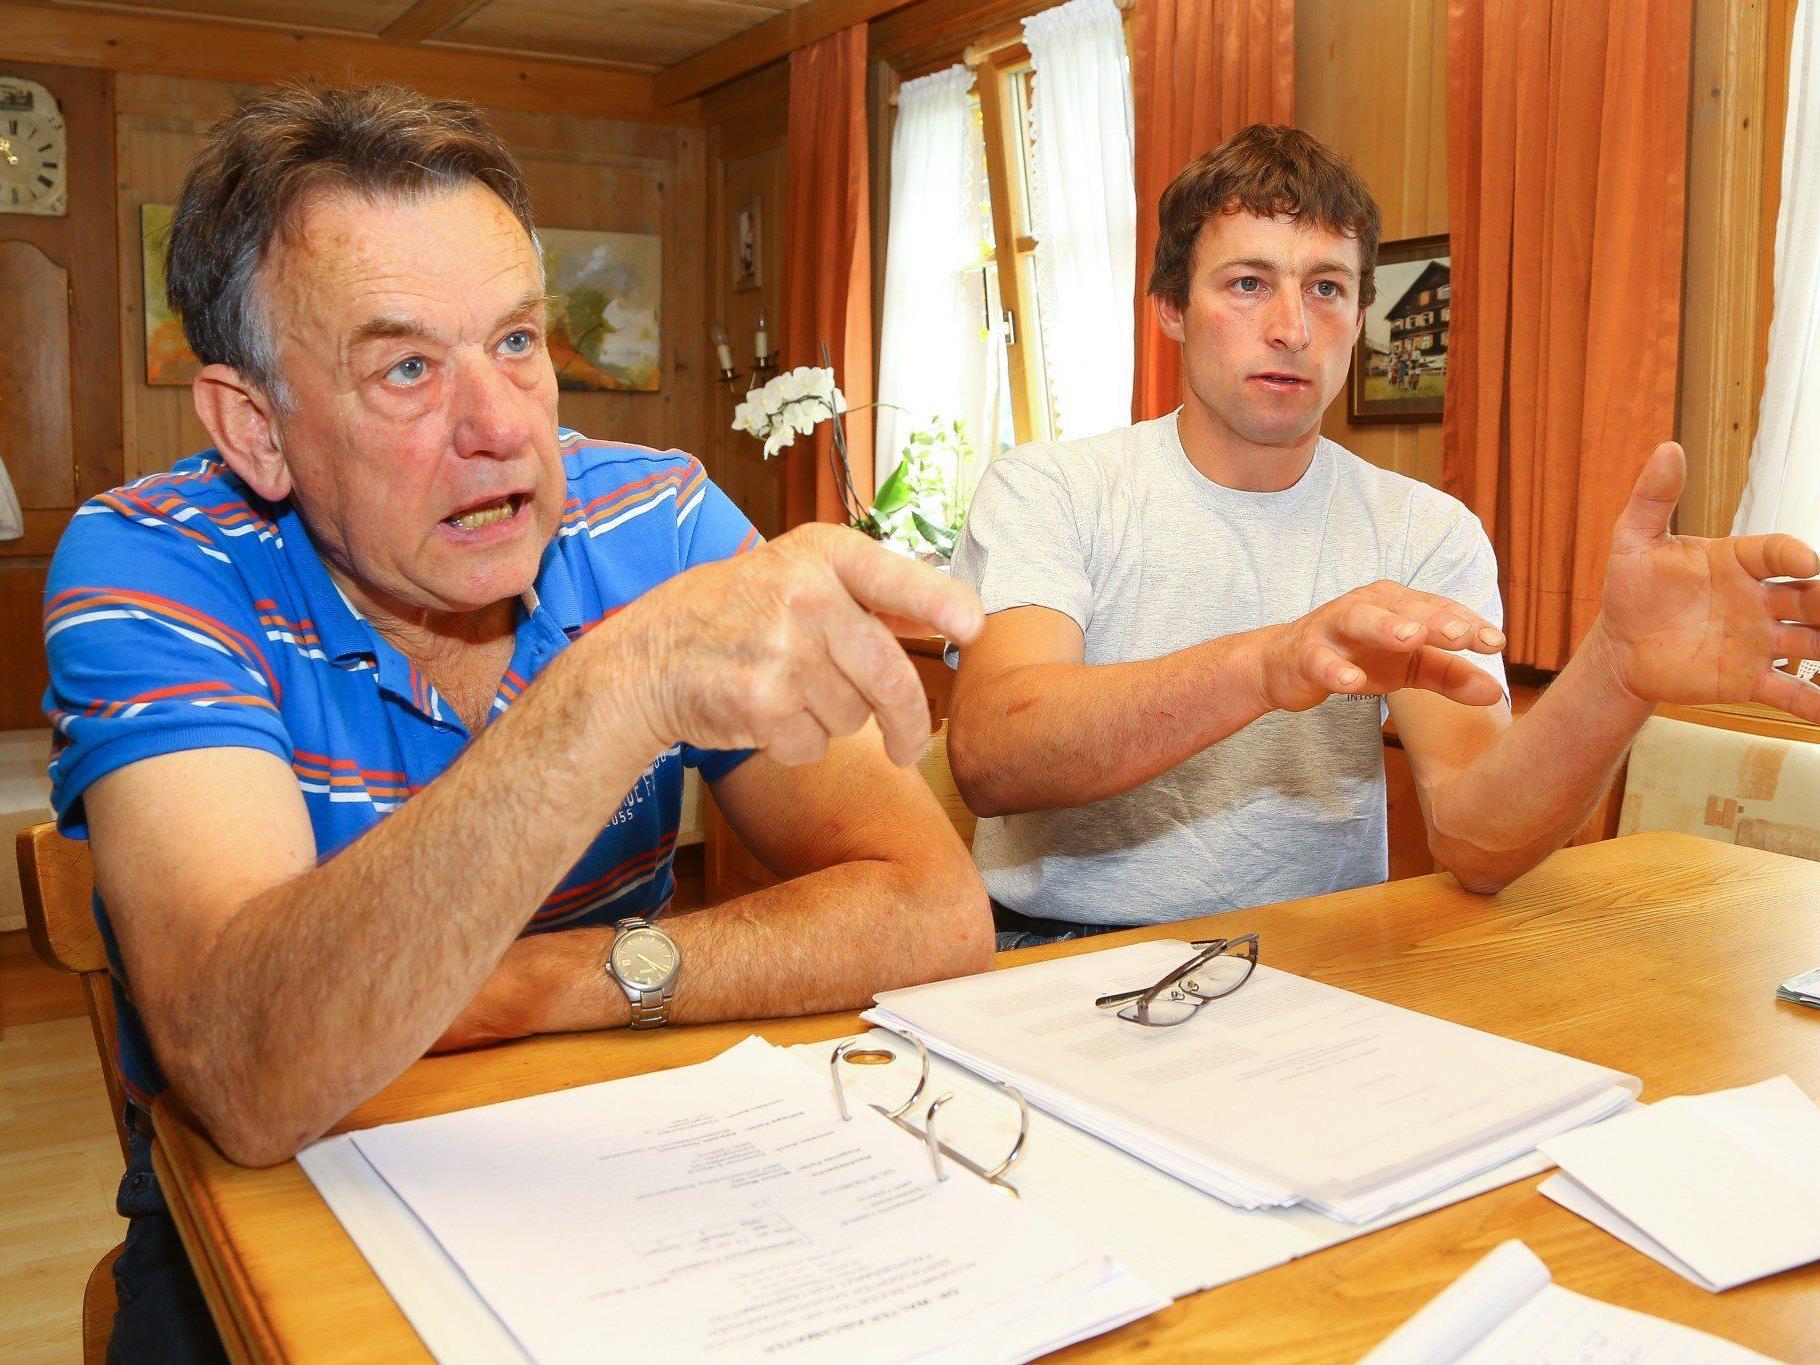 Markus Metzler und seinem Vater Melchior sind trotz Happy End noch immer aufgebracht.